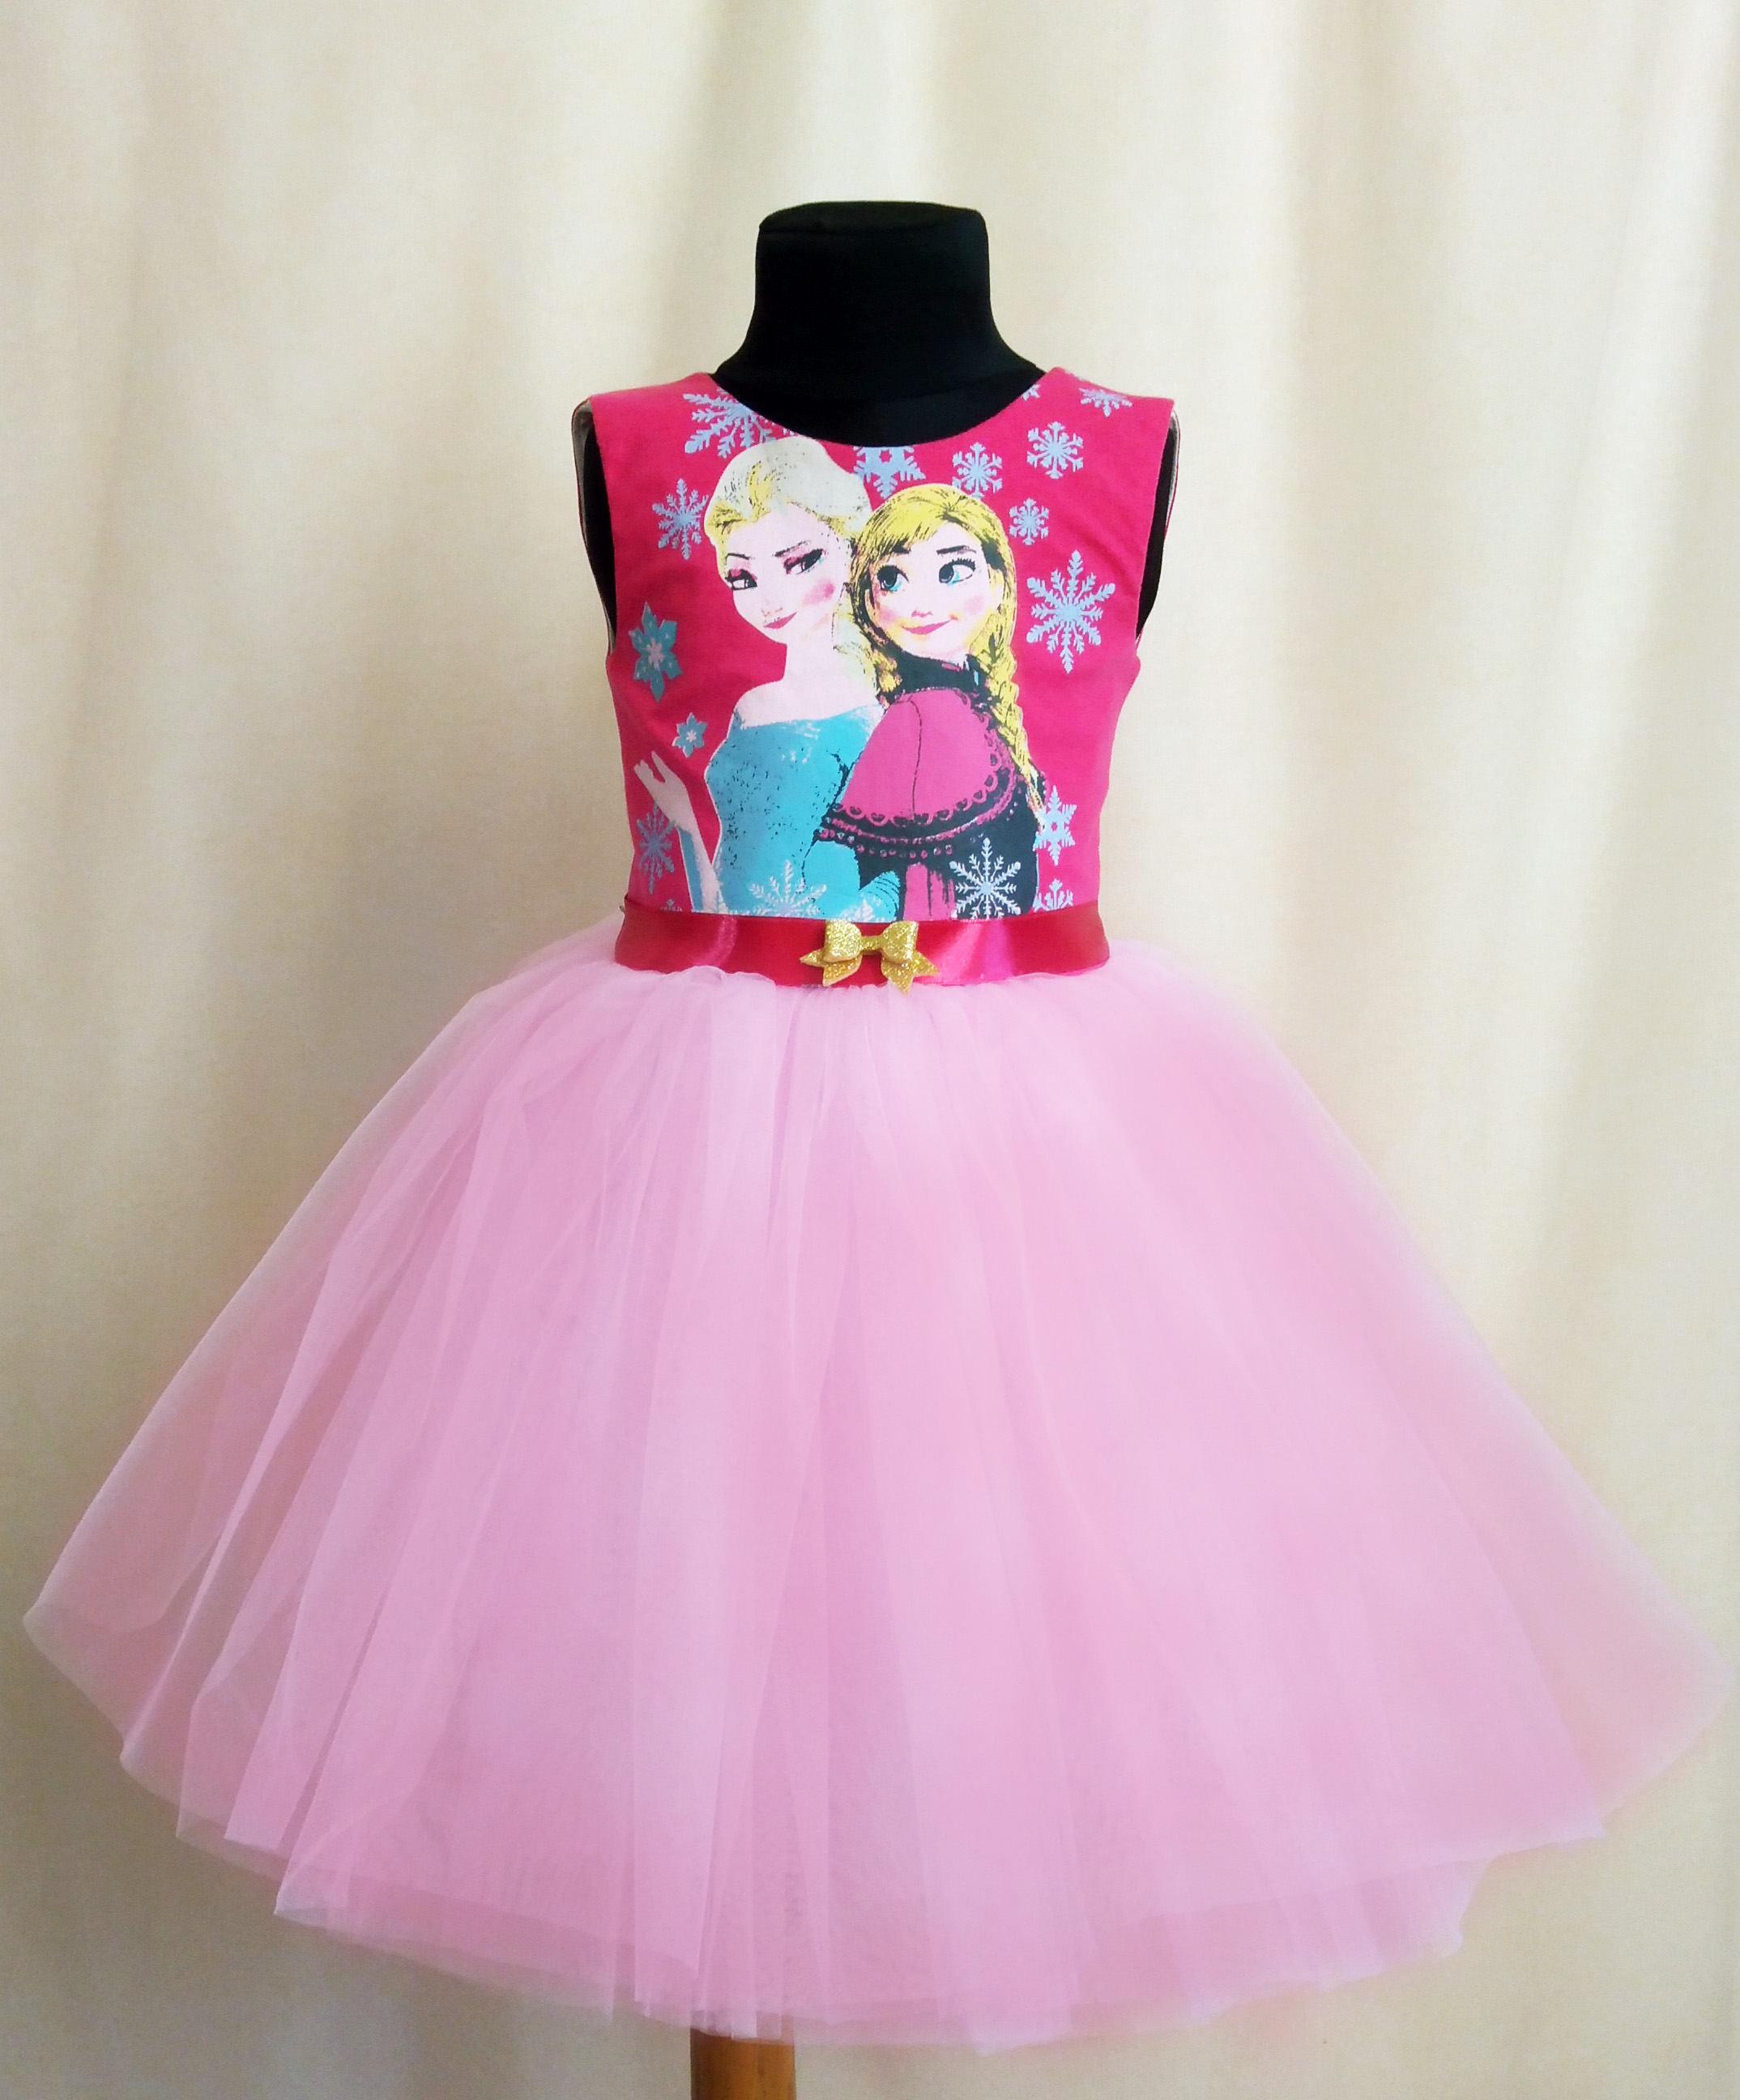 Gefrorene Tutu Geburtstag Kleid gefrorene Tüll Partykleid